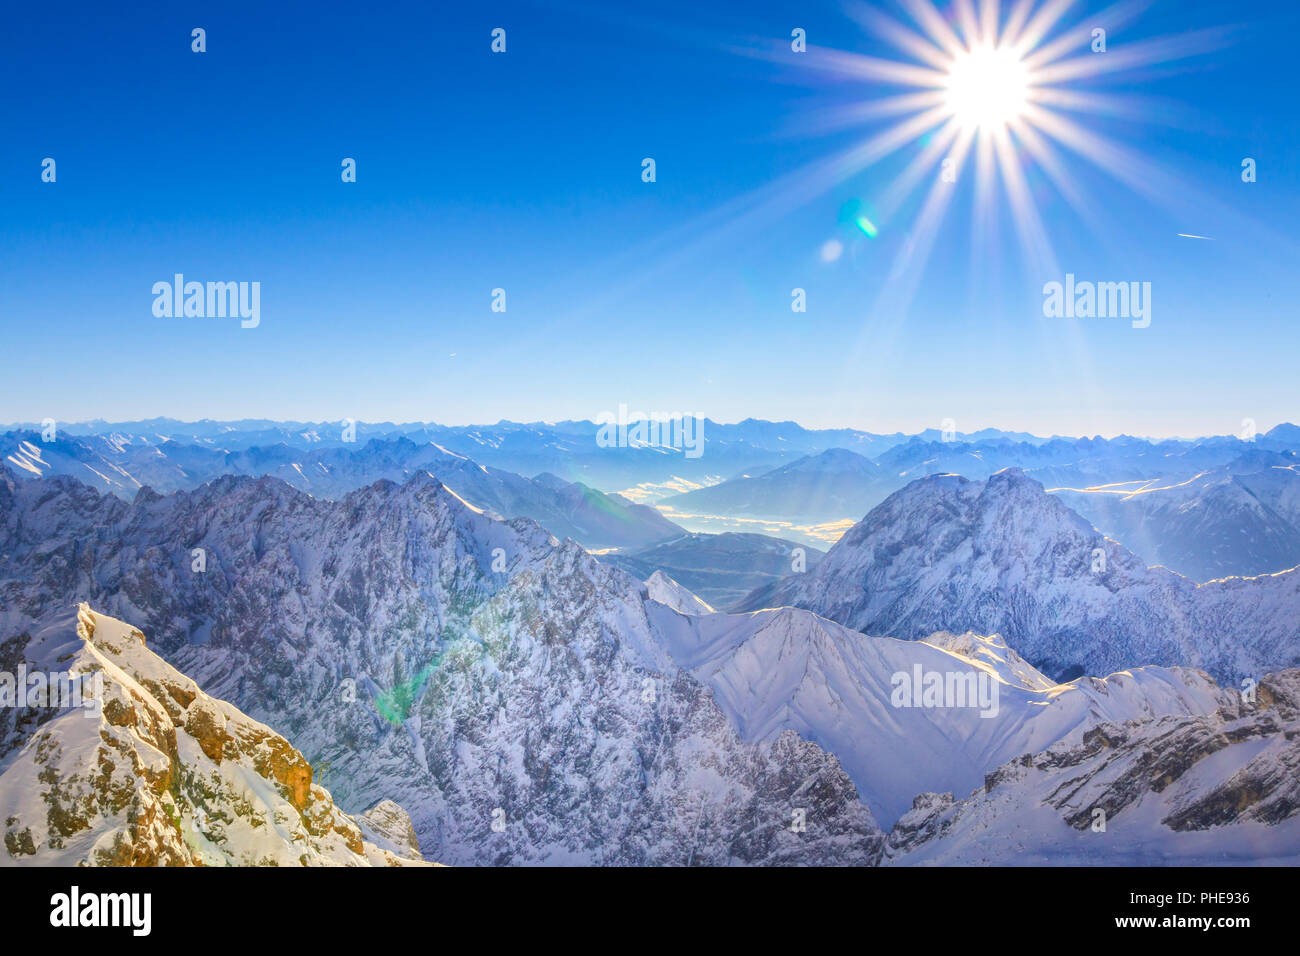 Ein Blick ins Tal vom höchsten Punkt Deutschlands, der Zugspitze. Der Blick geht über die sonnenbestrahlte Winterlandschaft im Wettersteingebirge. - Stock Image